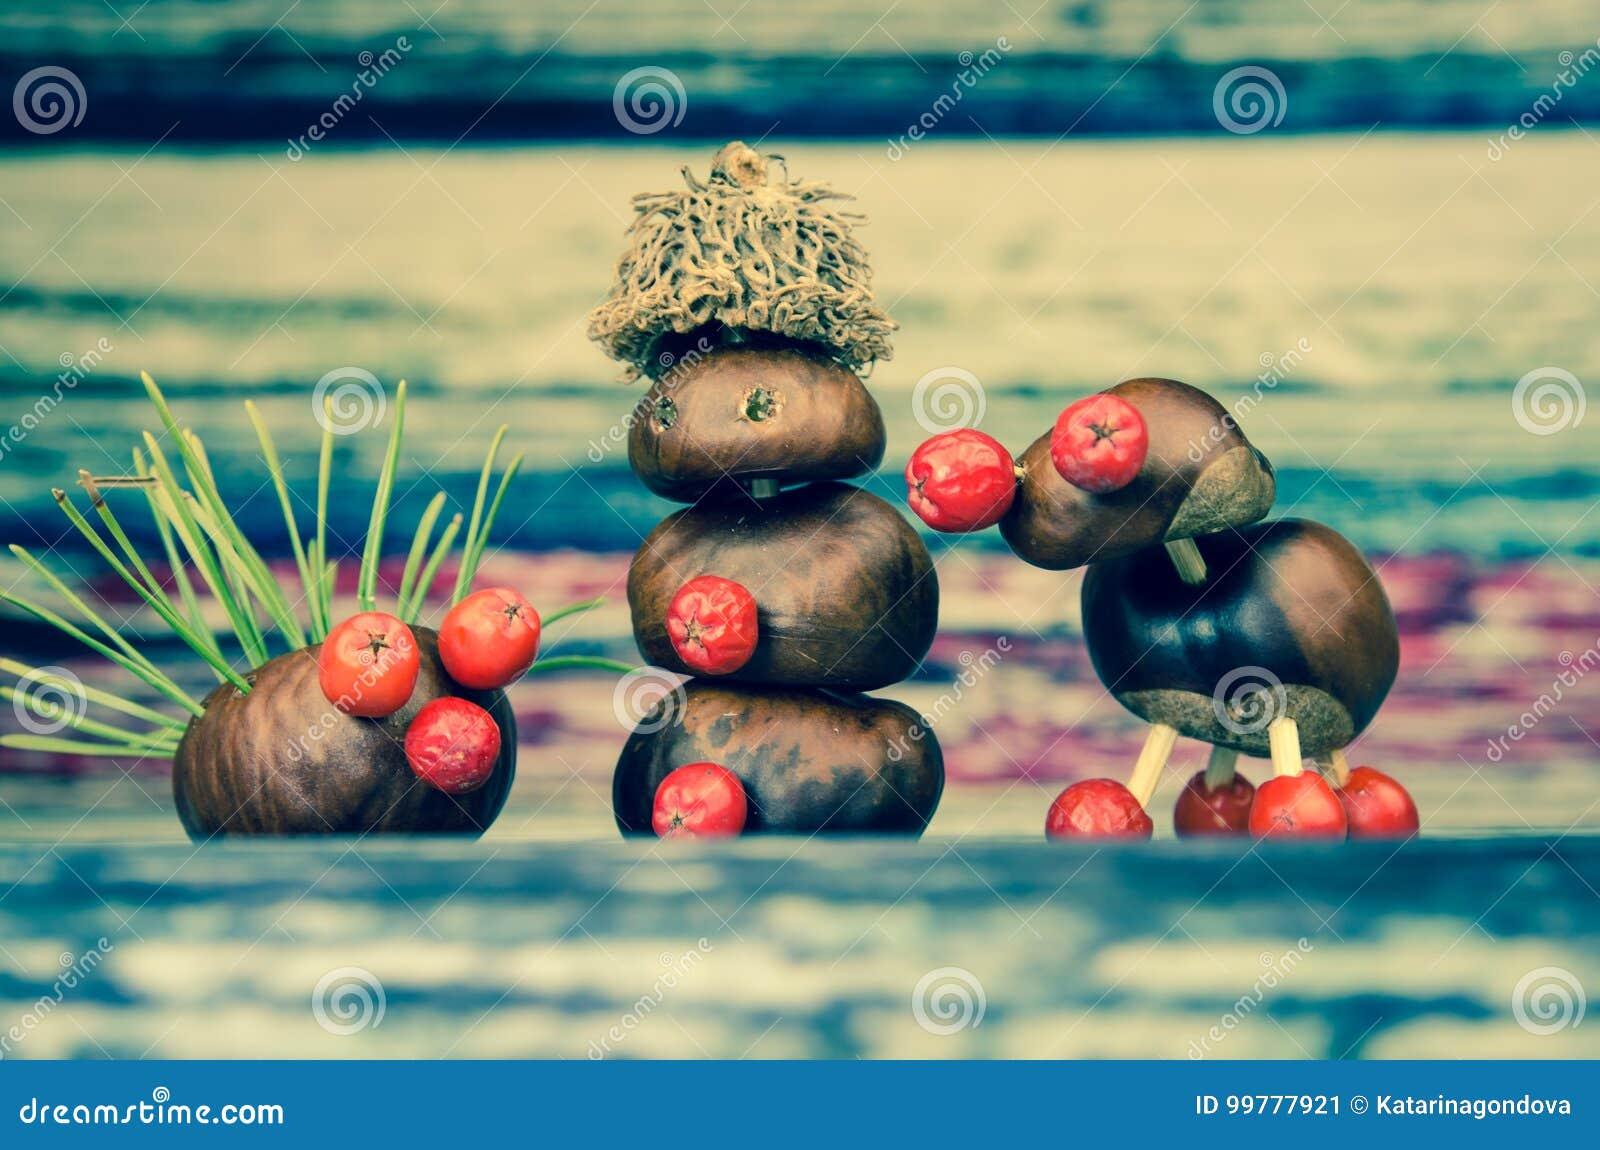 Ideias Criativas Para Crianças Imagem De Stock Imagem De Feito